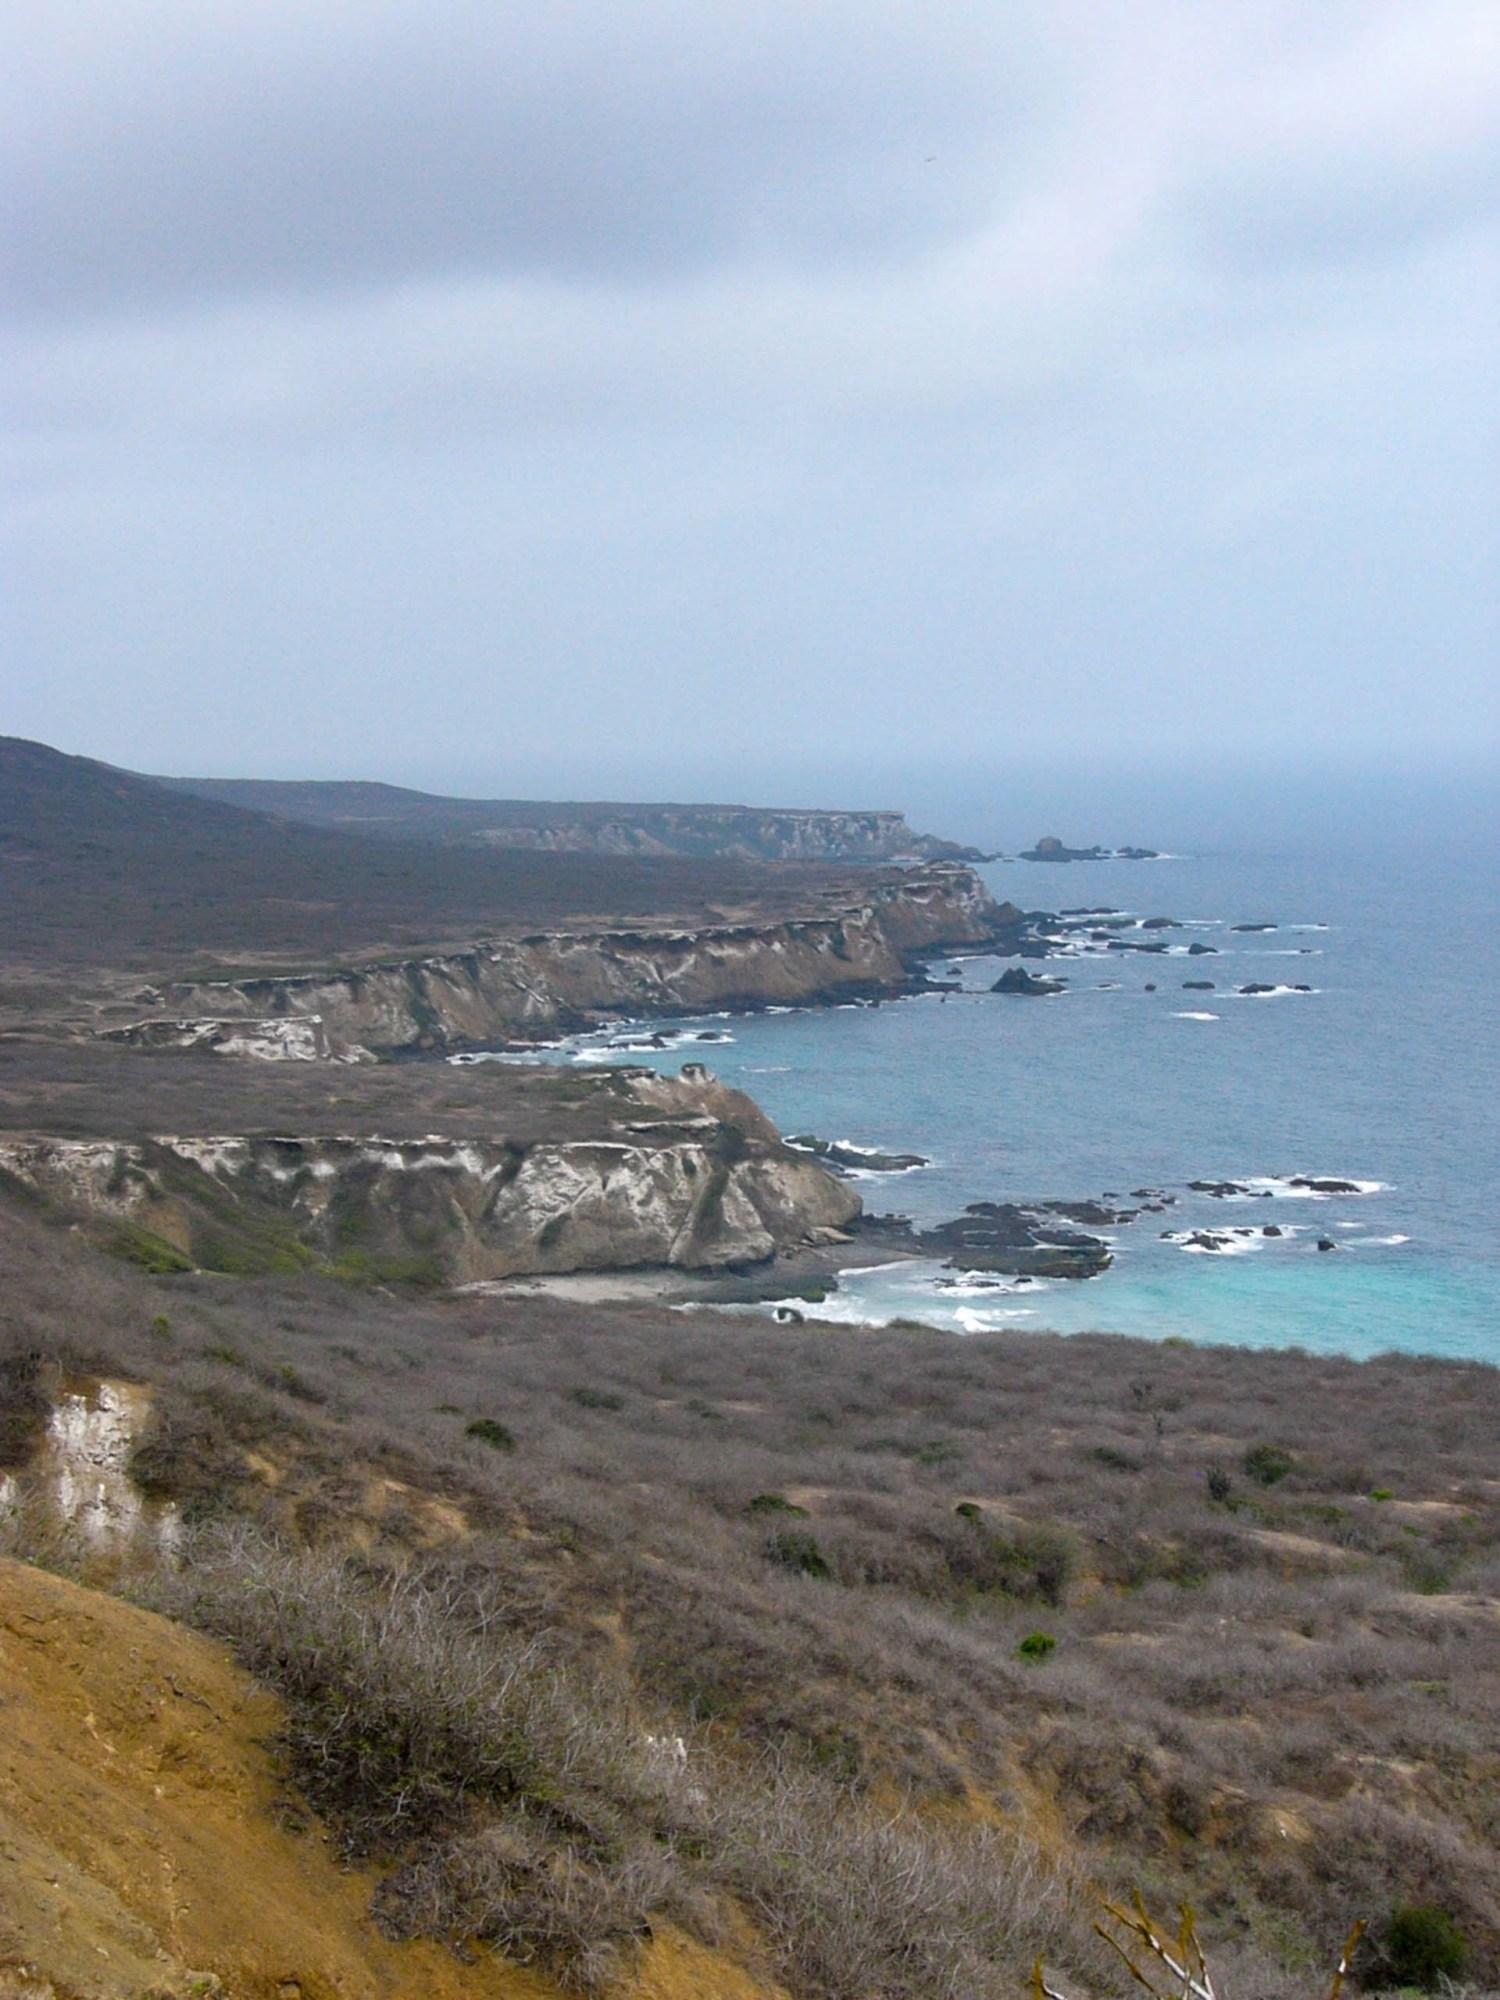 Les côtes de l'isla de la plata